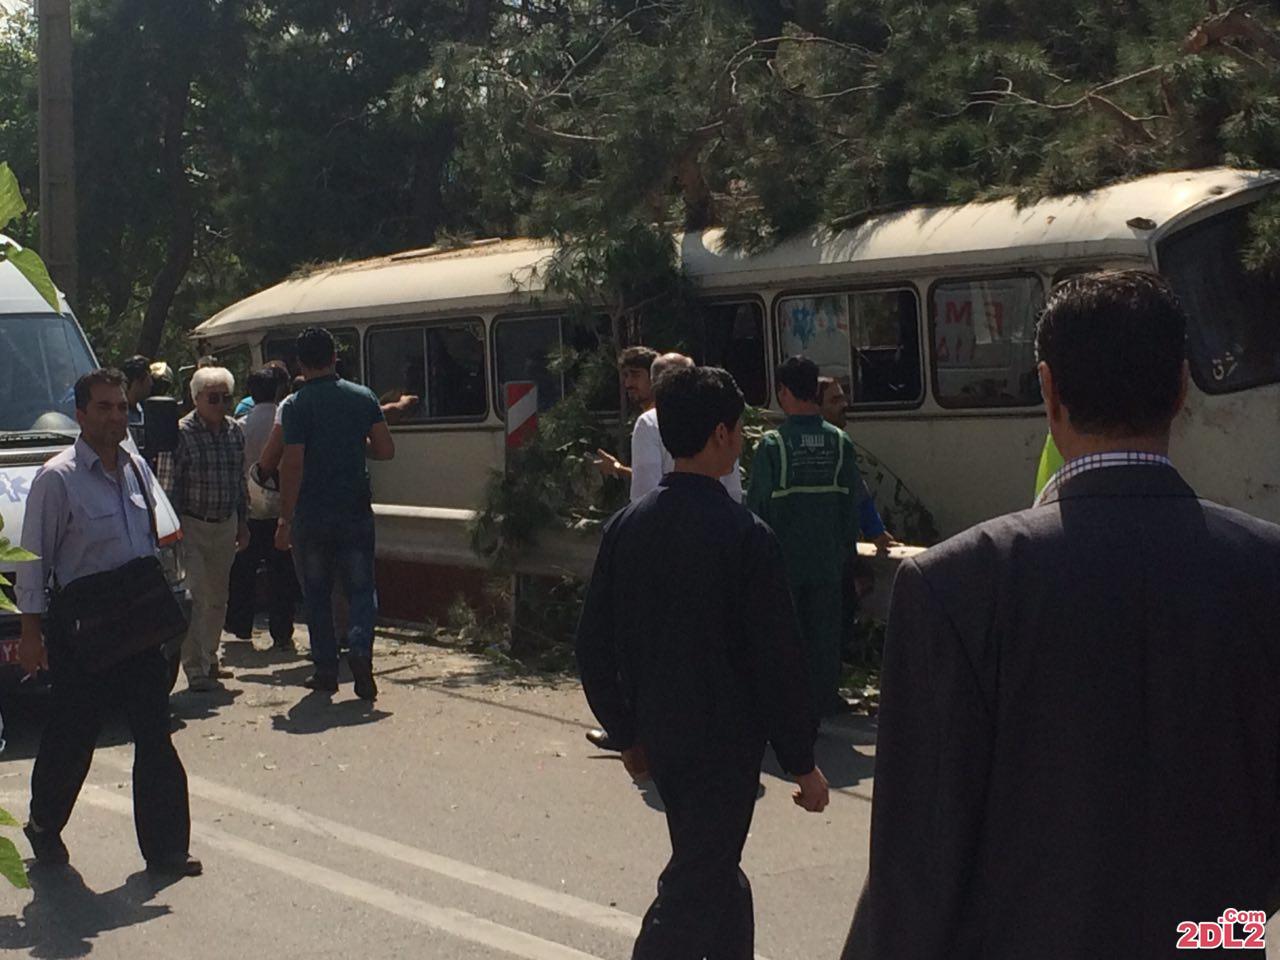 حادثه برای اتوبوس دانش آموزان در جمشیدیه + عکس